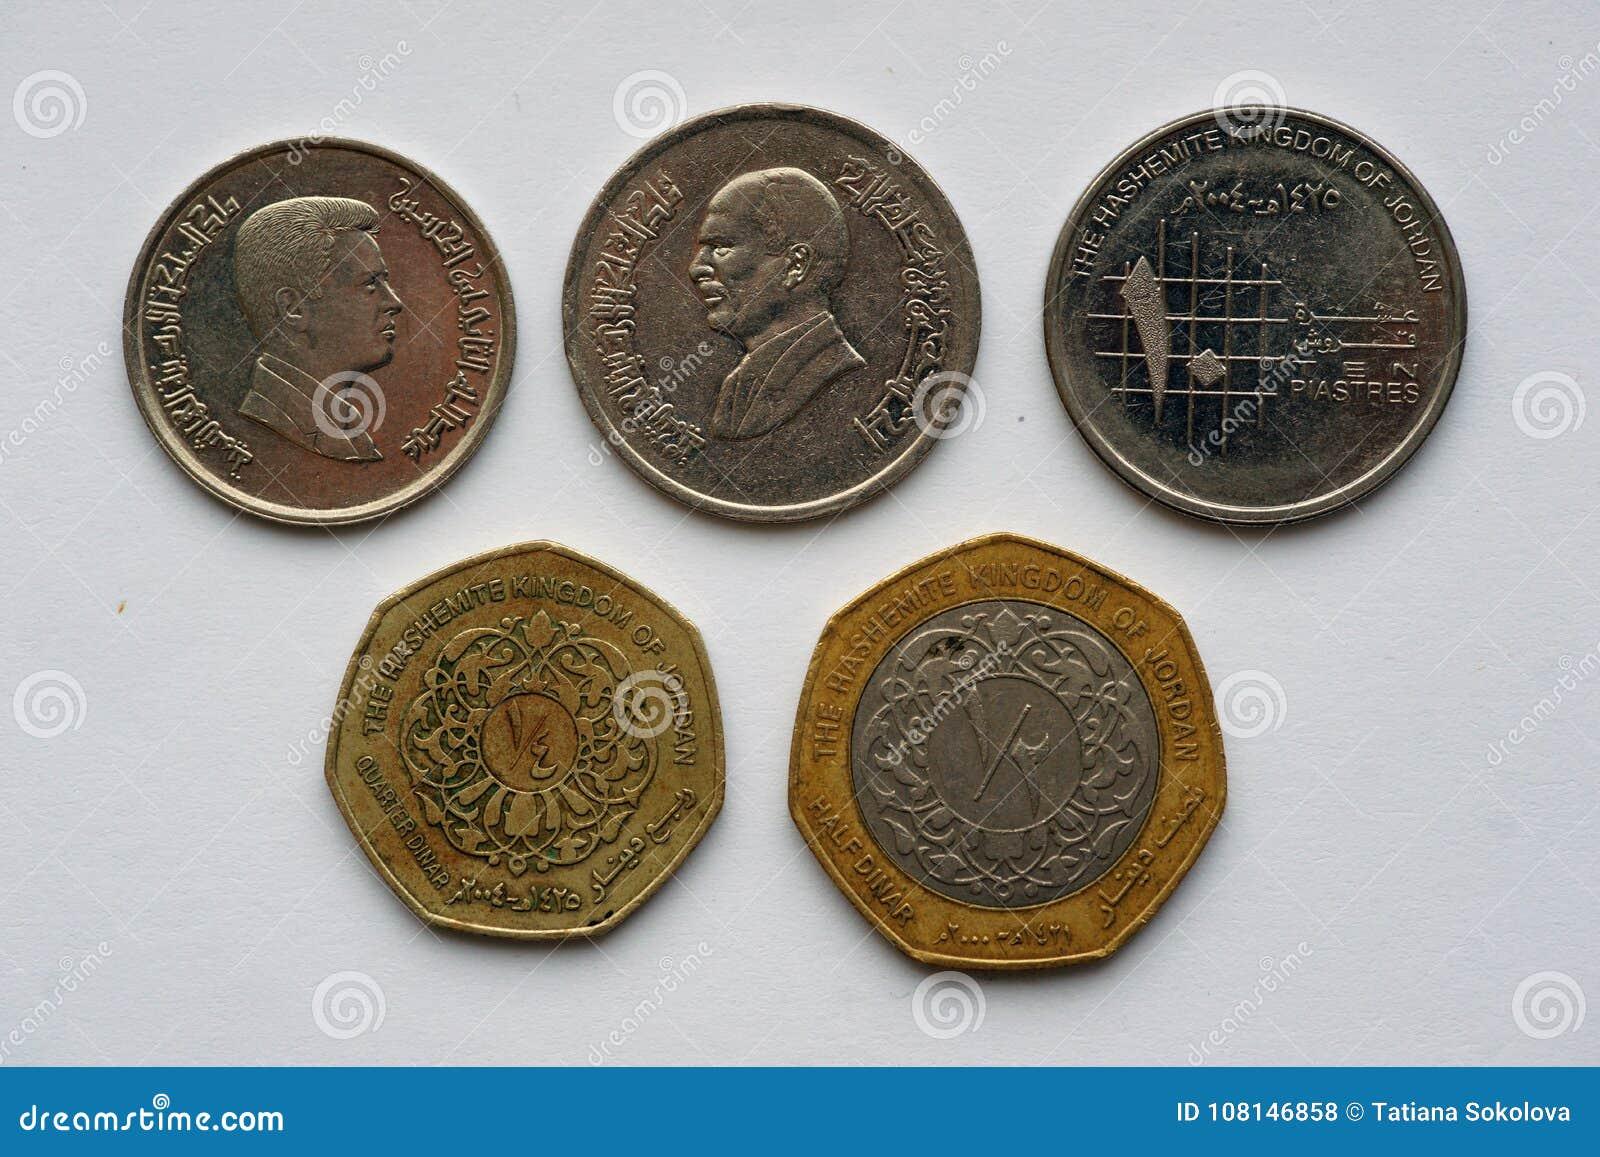 Mynt från Jordanien - dinar och piastres